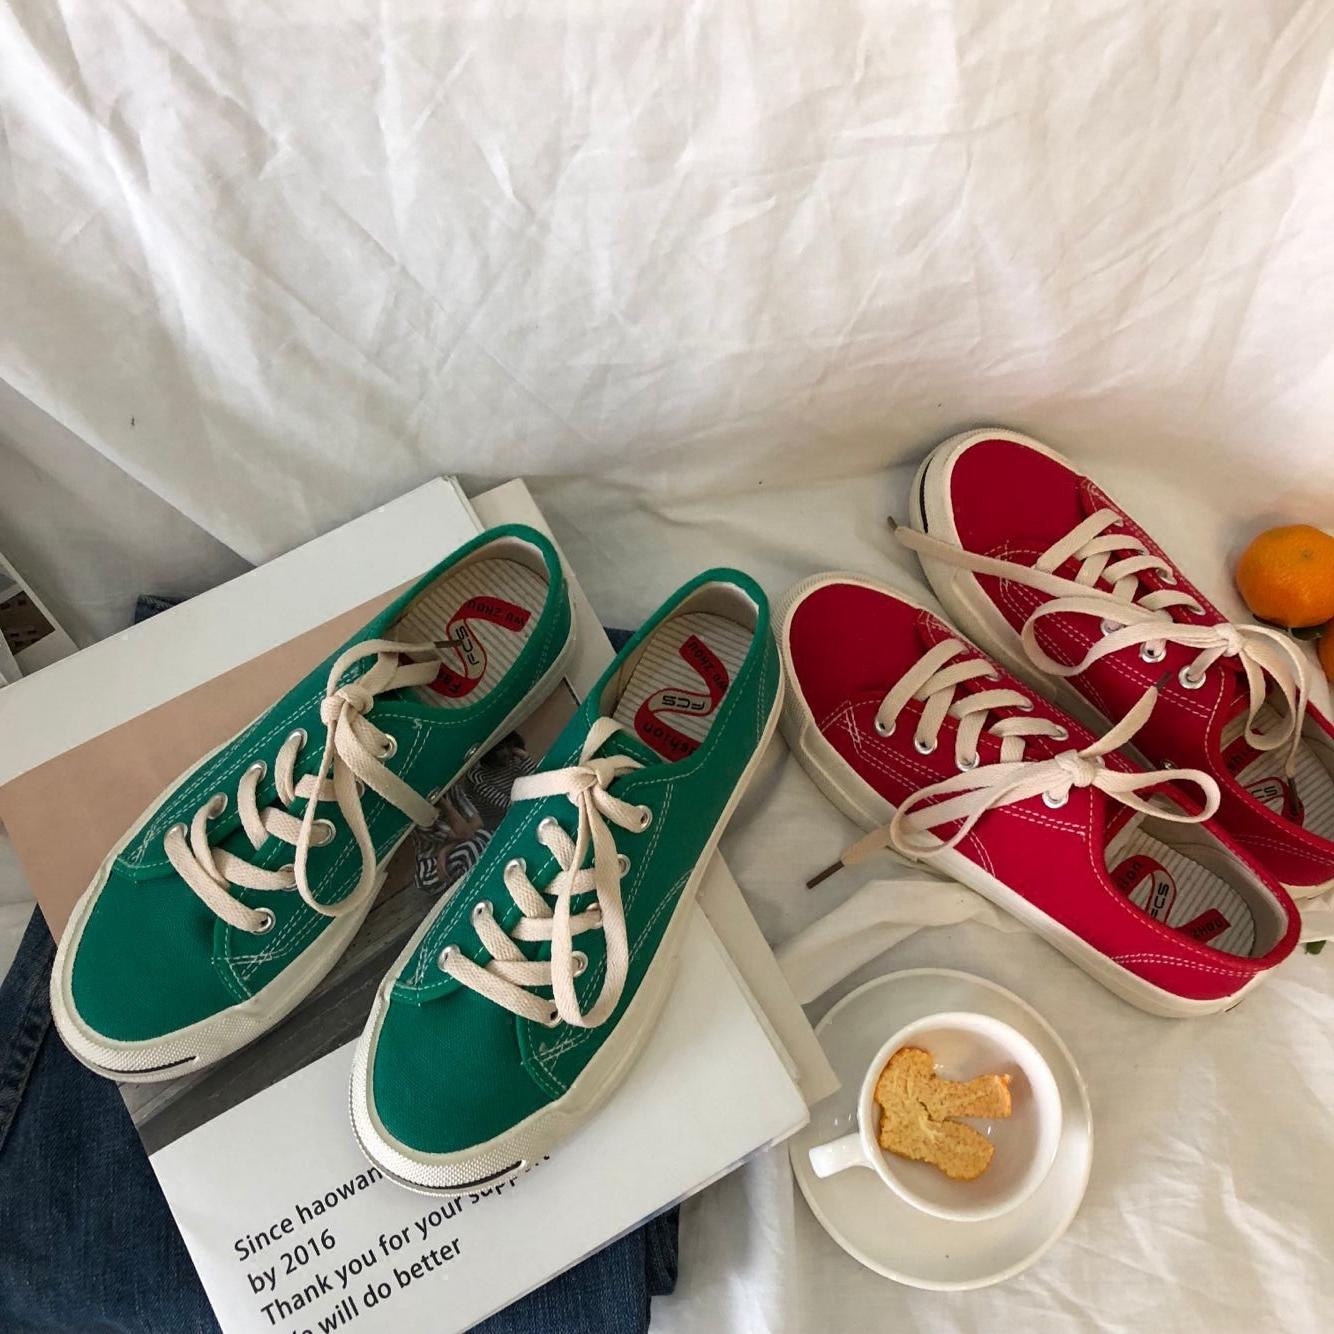 绿色帆布鞋 泡面小希鞋子 2018春季新款复古绿色开口笑学生帆布鞋平底韩板鞋_推荐淘宝好看的绿色帆布鞋